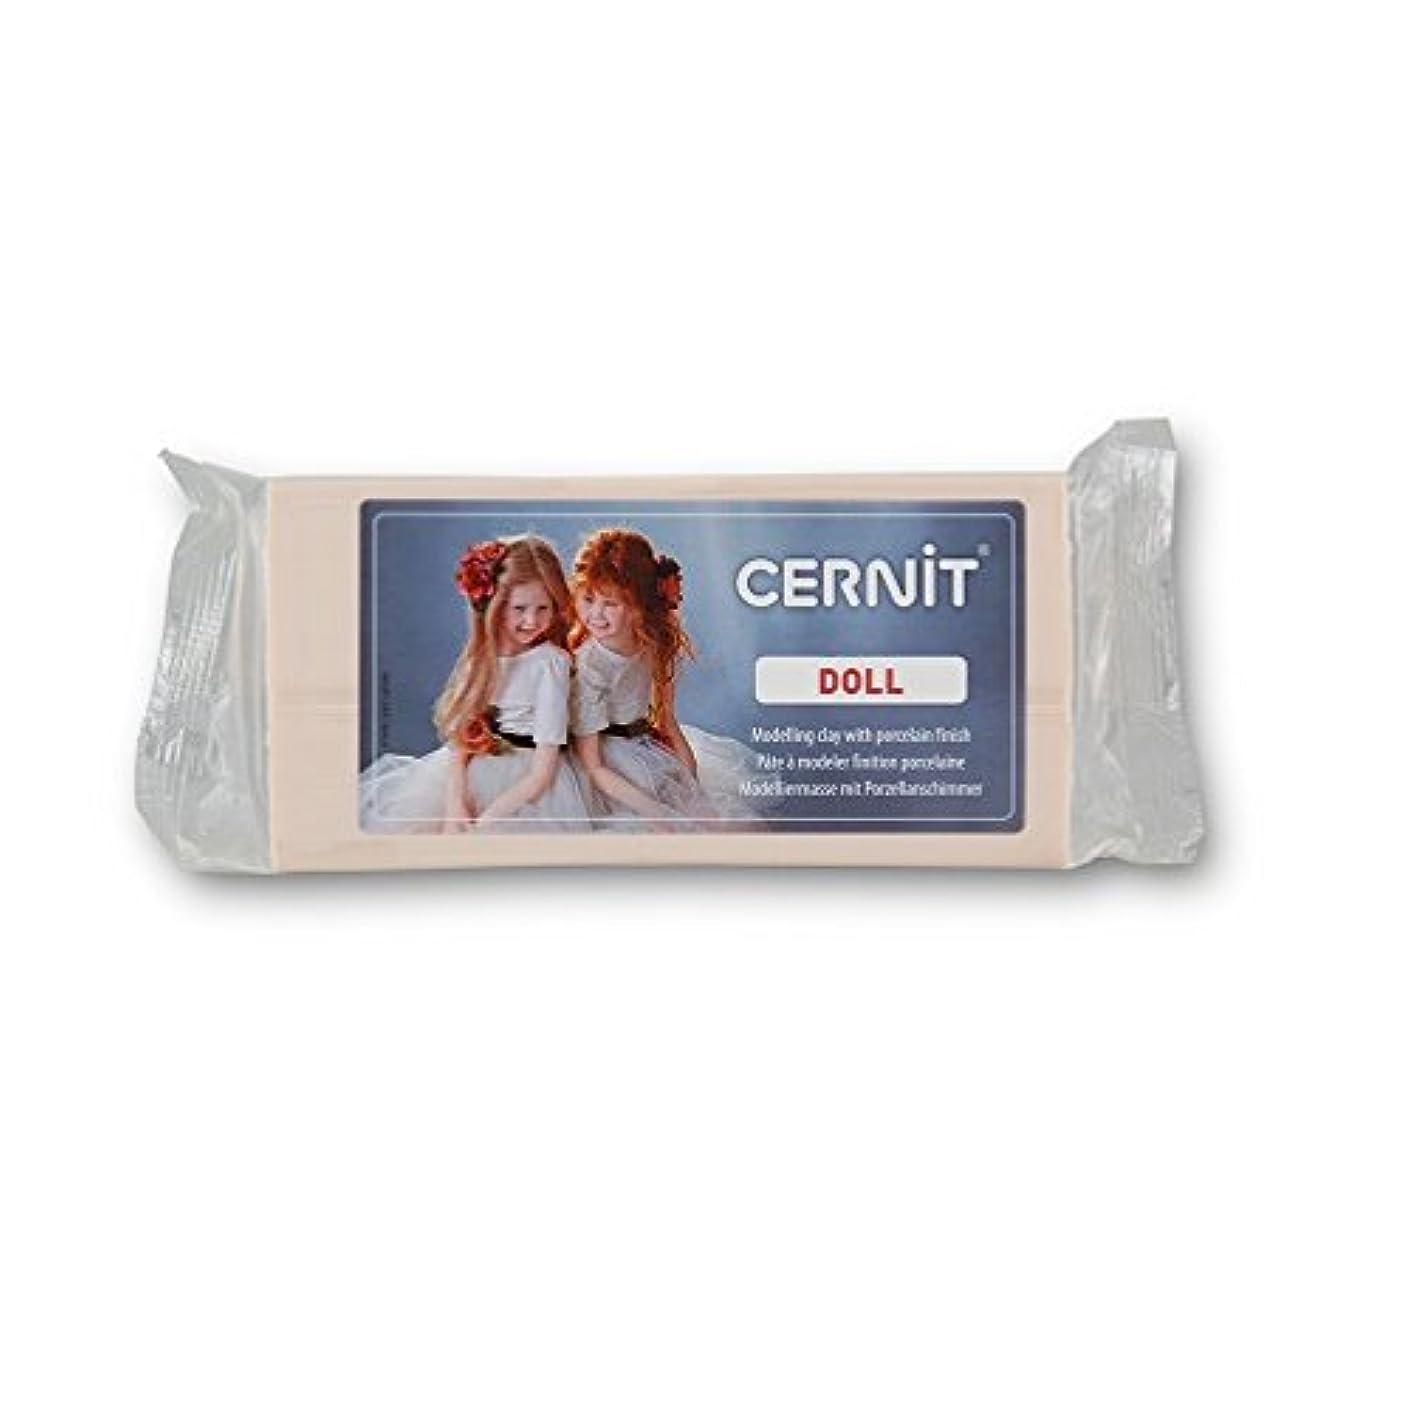 Jacquard Paint, Dye & Art Products Cer2053 Doll Biscuit 500G Cernit J